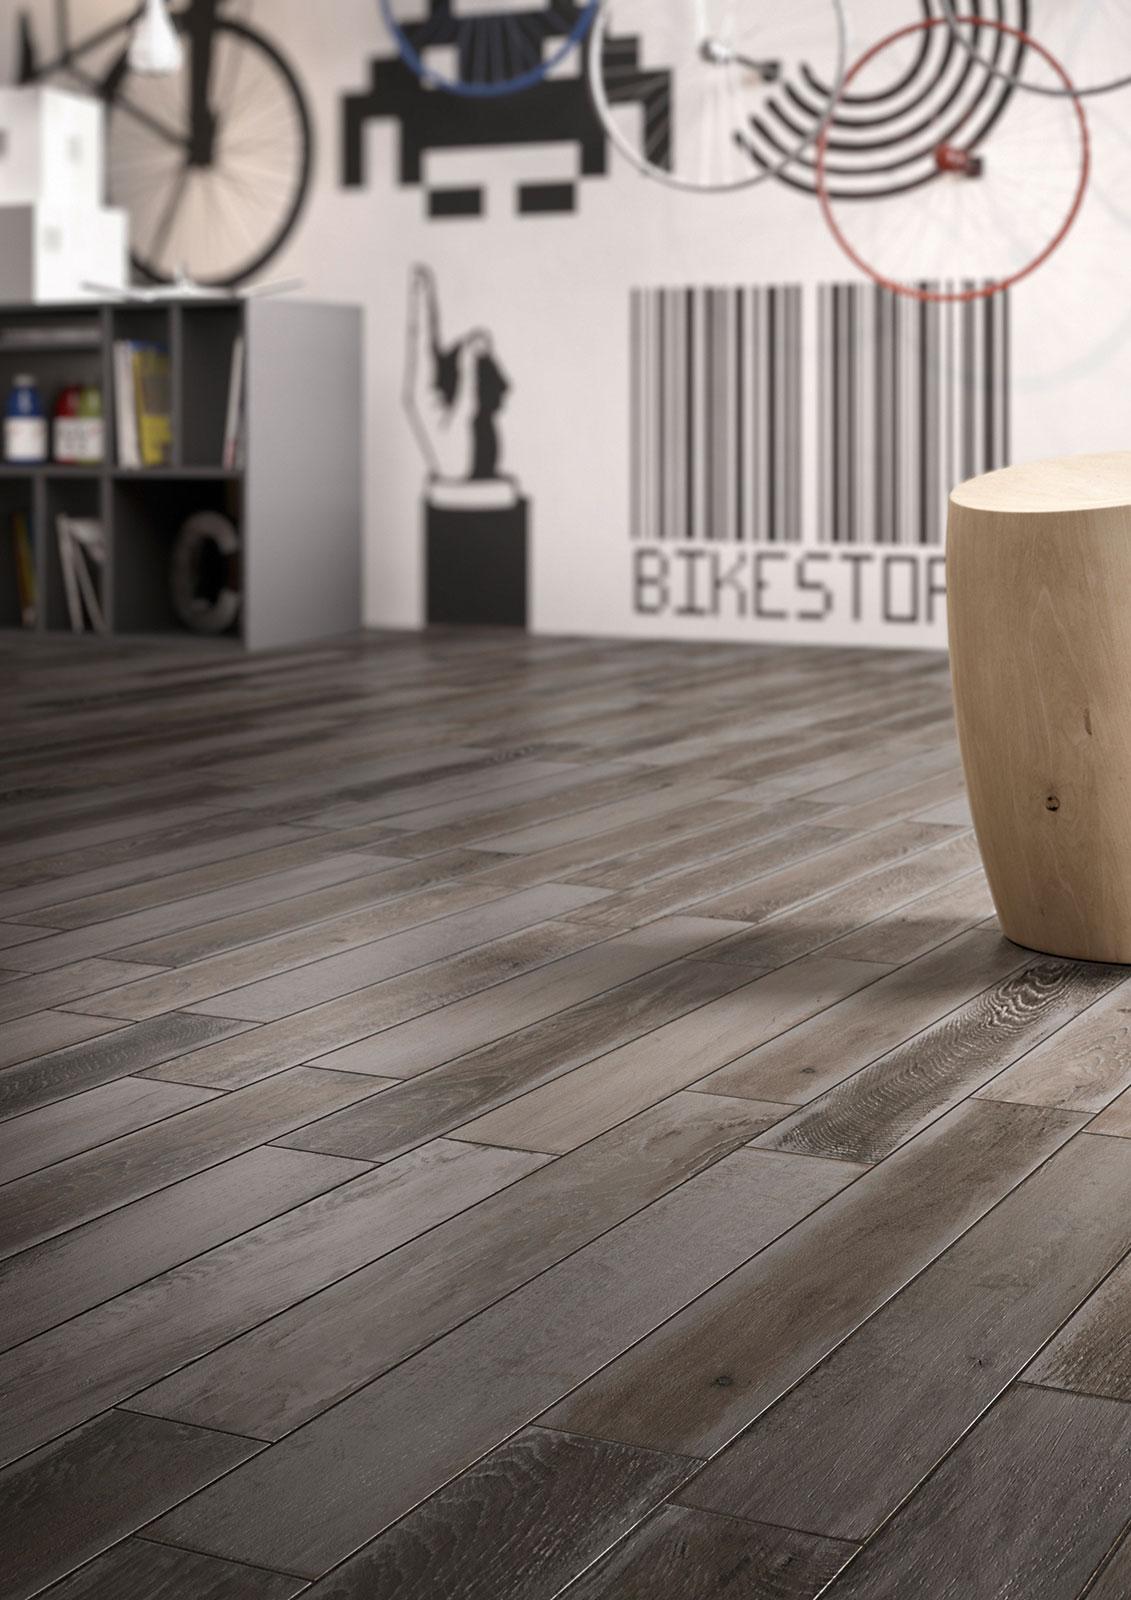 ... Marazzi in gres porcellanato effetto legno. Pavimenti raffinati adatti